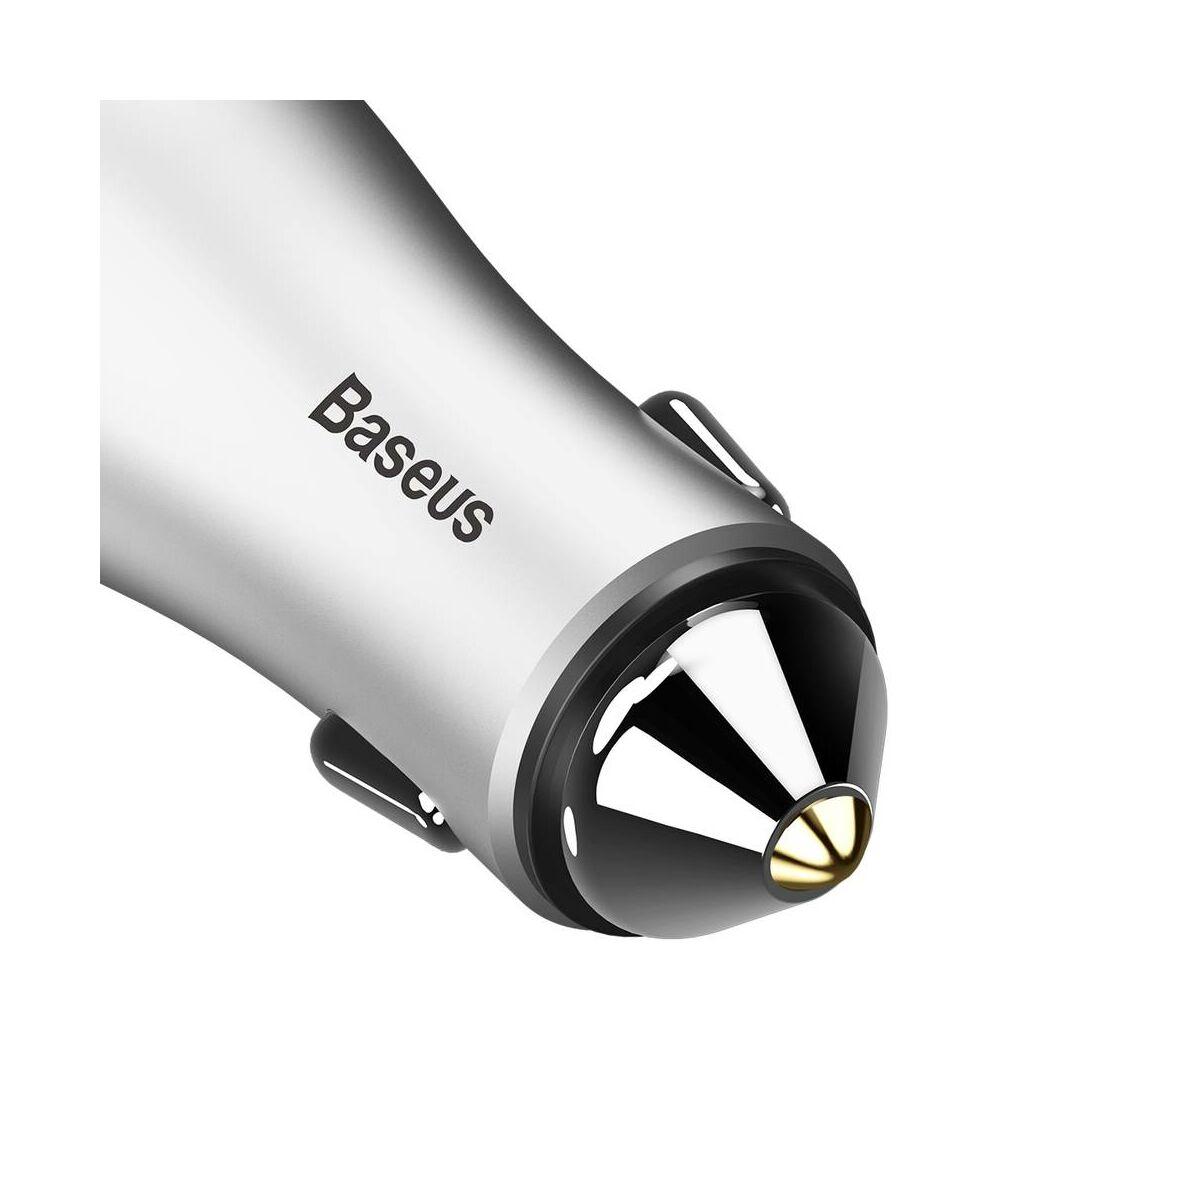 Baseus autós töltő, Golden Contactor Dupla USB intelligens, 2.4A, ezüst (CCALL-DZ0S)